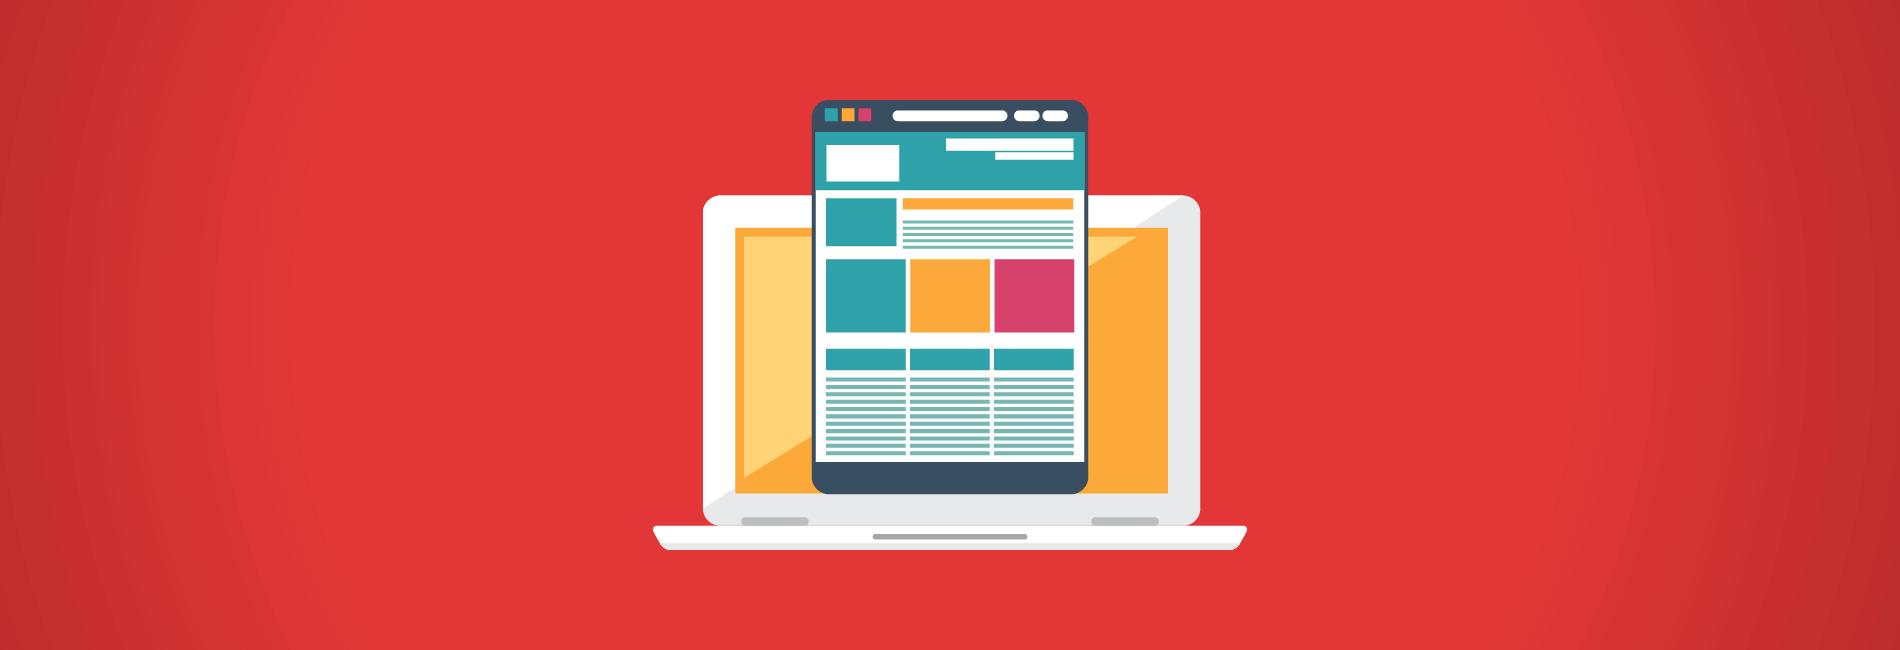 8 loistavat WordPress-megavalikkolaajennukset sivuston parempaan navigointiin